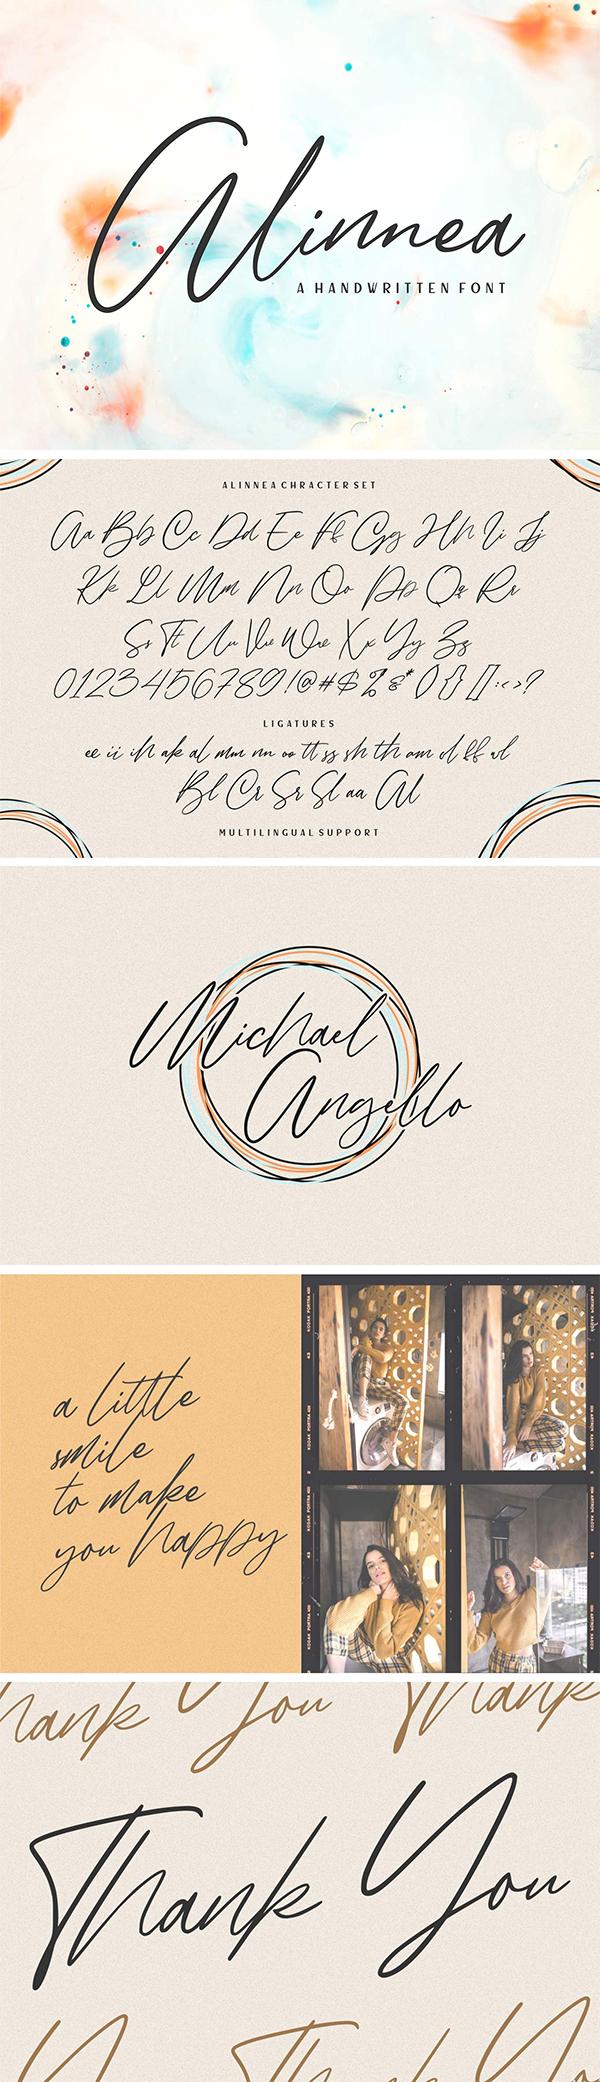 Alinnea Handwritten Font